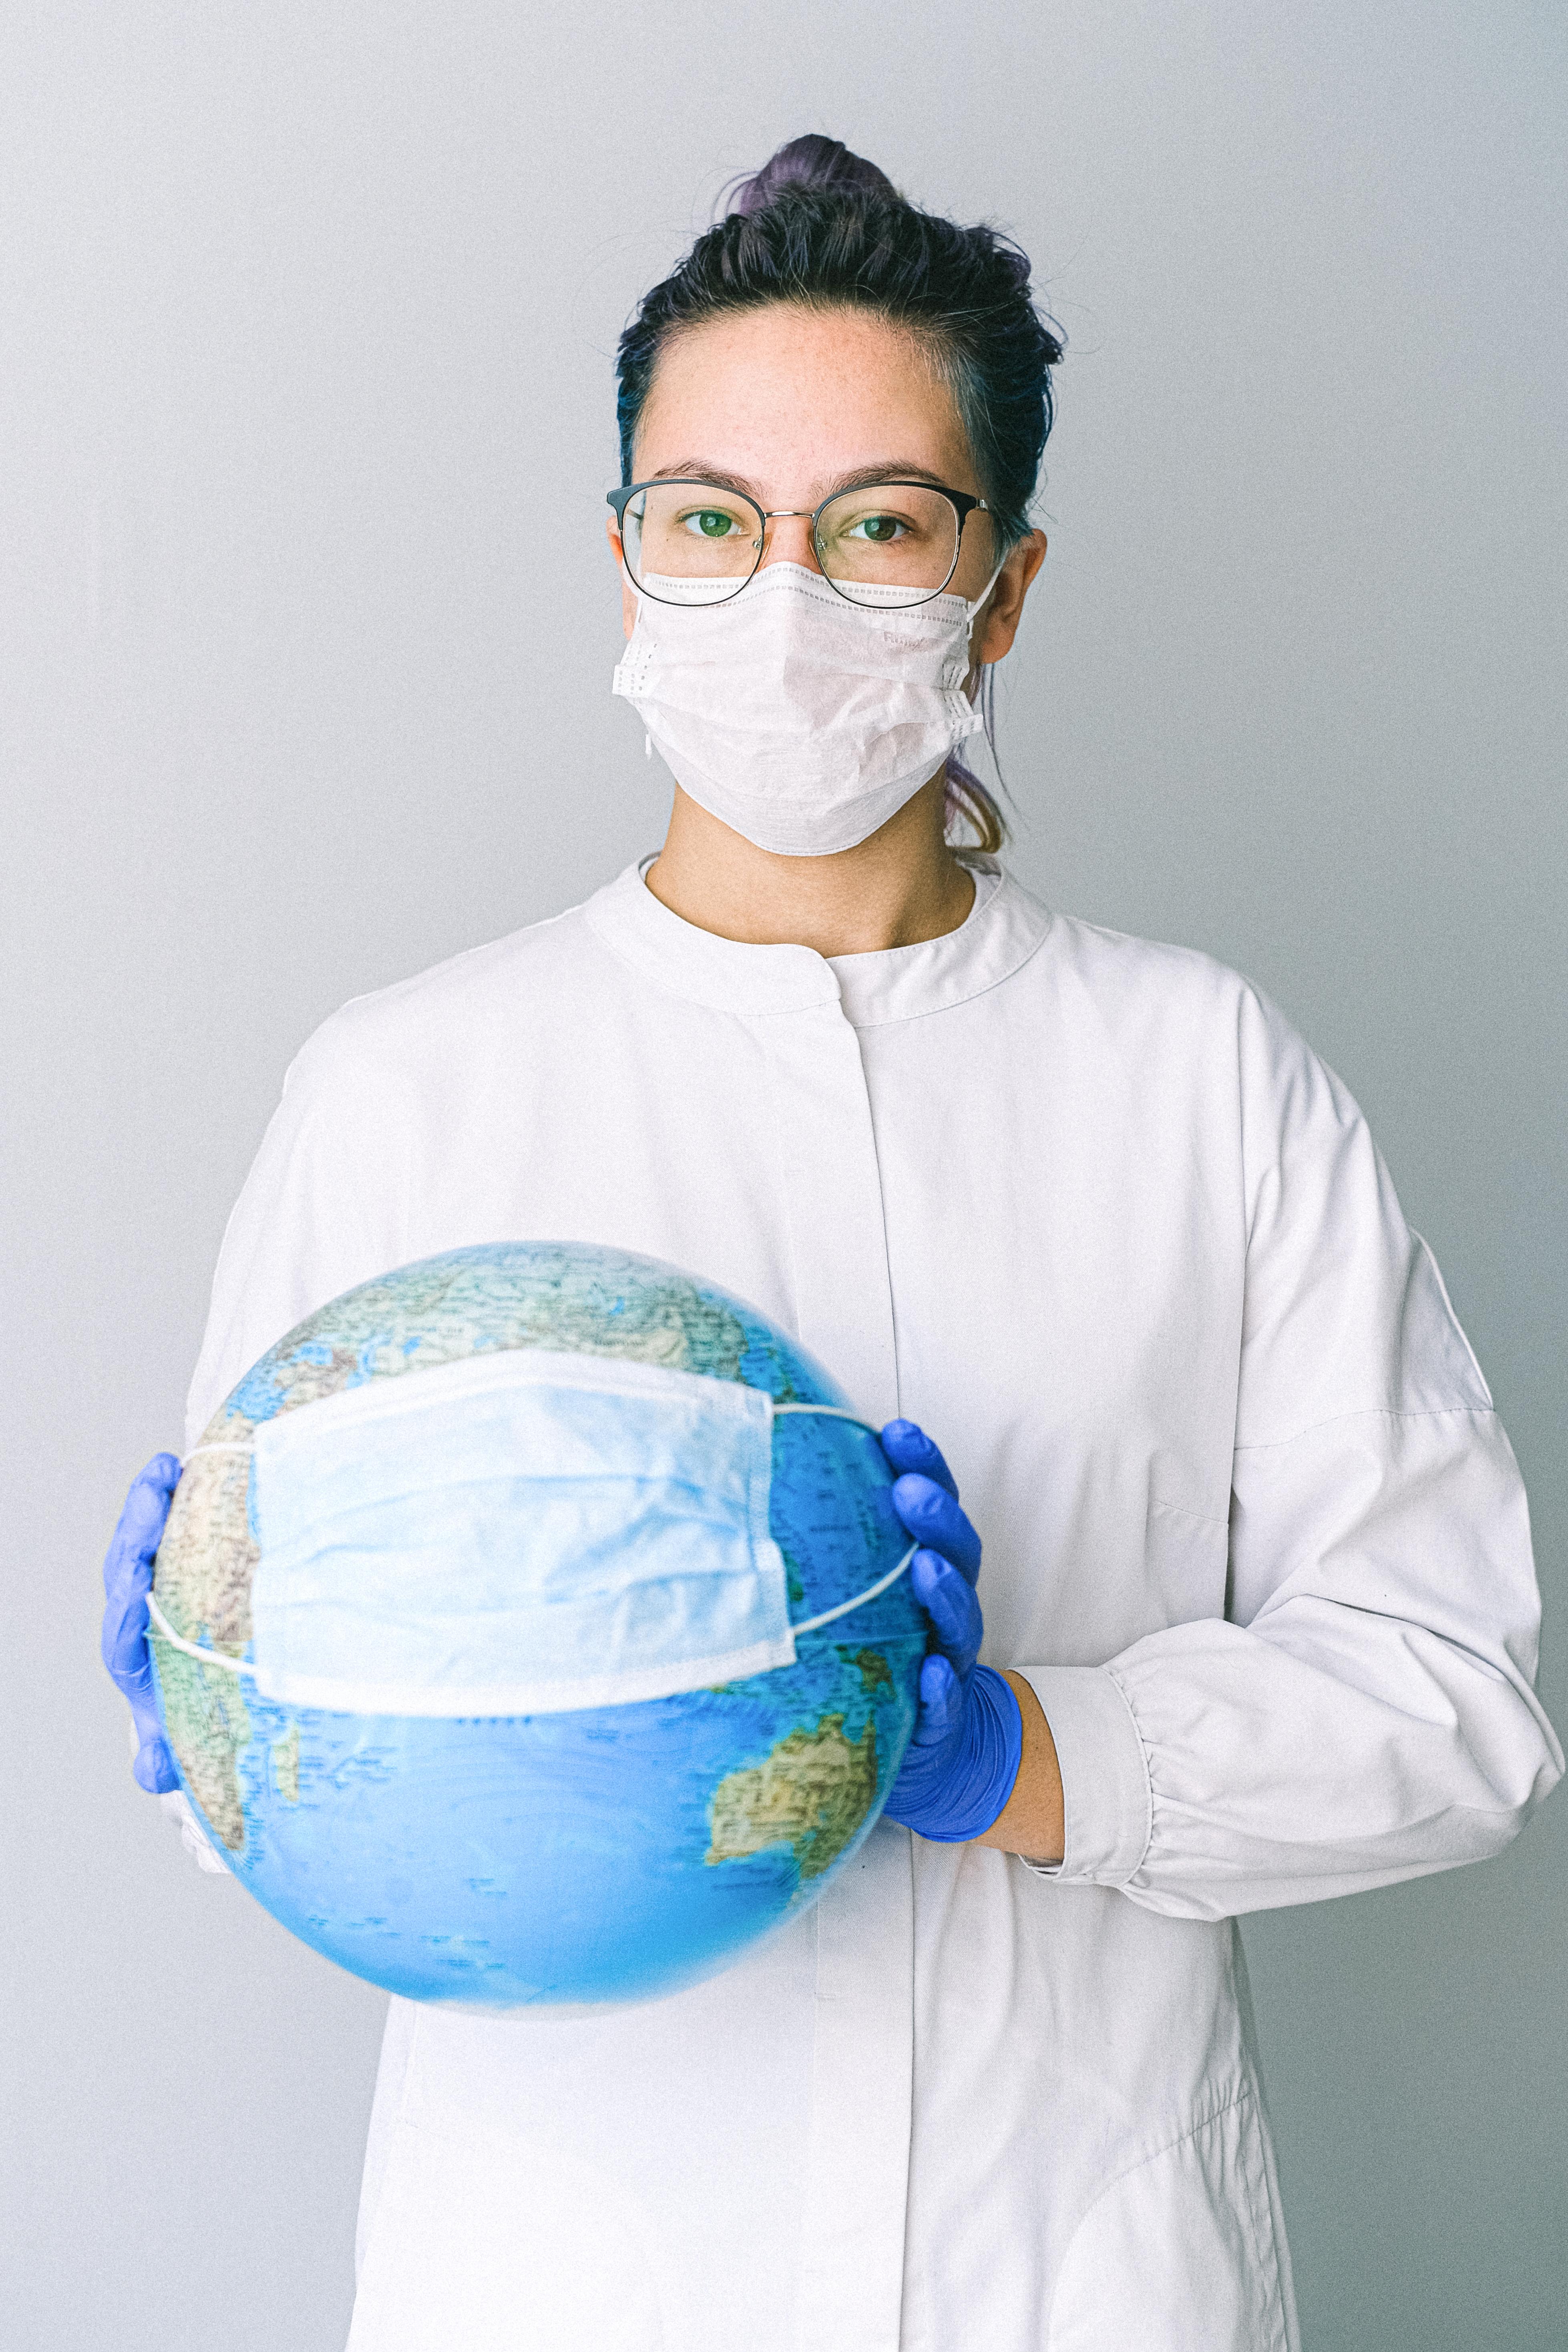 - protectie pandemie lege carantina 2020 - Vrei sa știi cum să te protejezi  mai bine de epidemie? Medicina muncii, medicina stilului de viață, informații